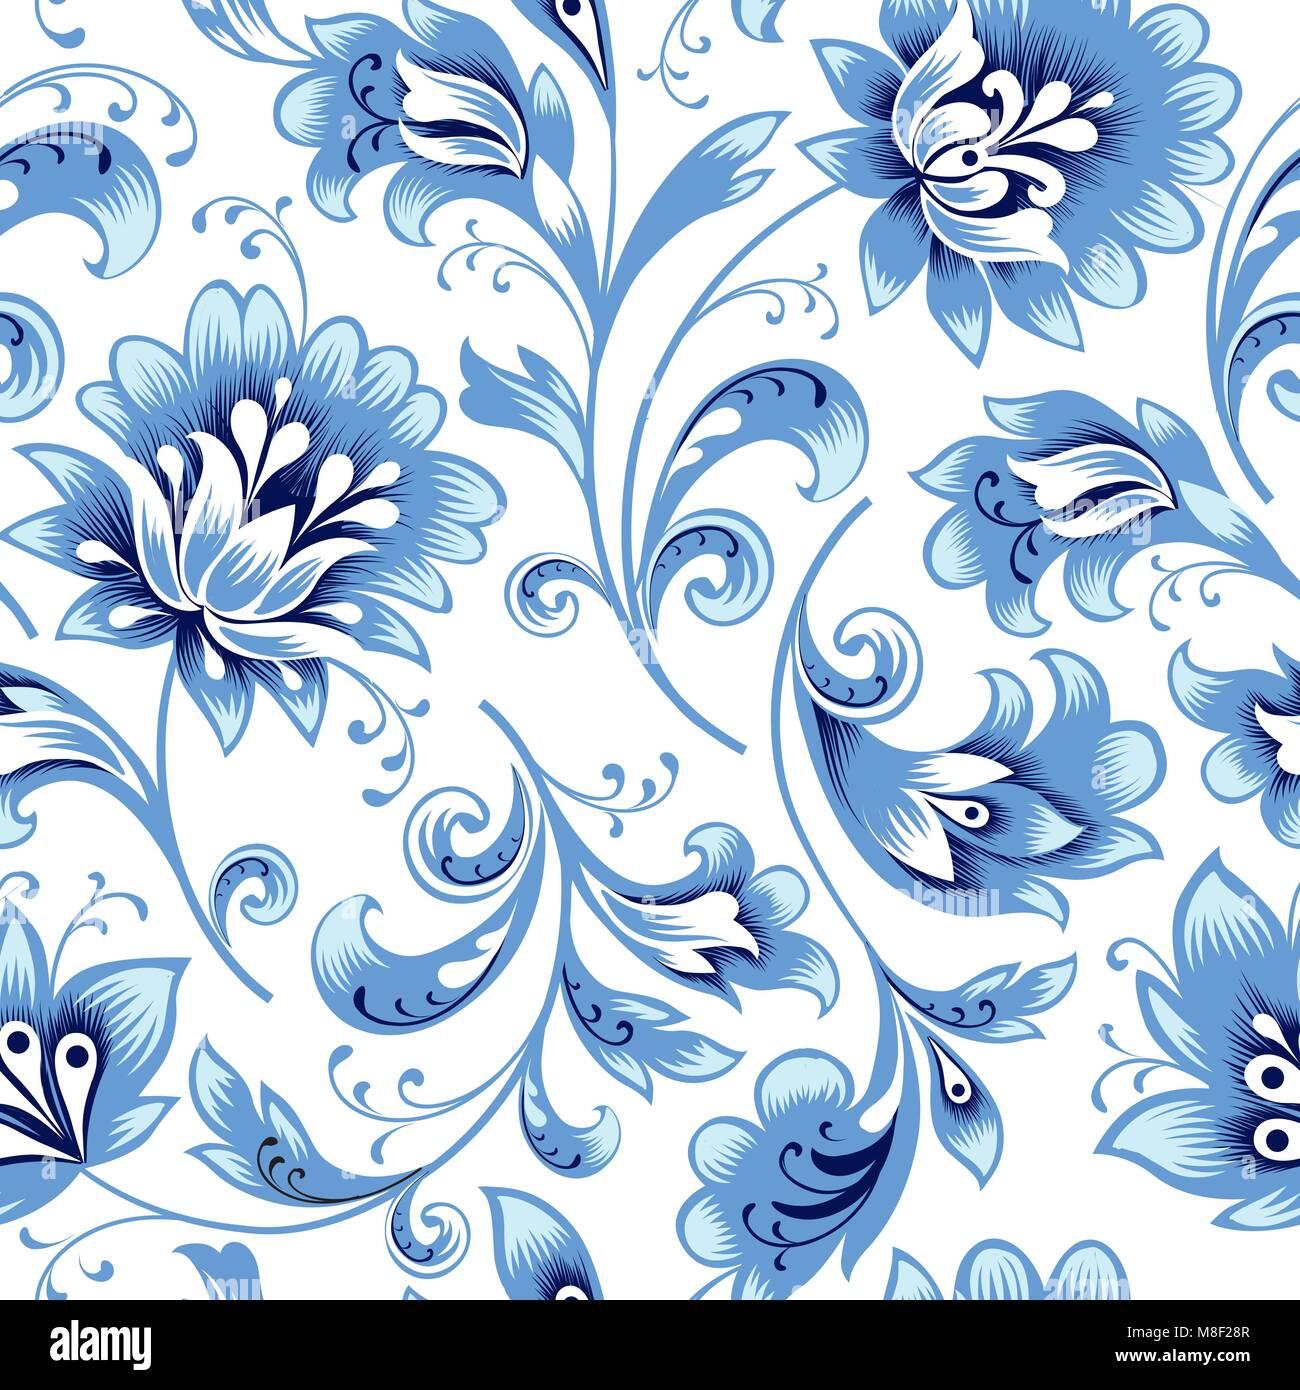 Florale nahtlose Muster. Blume Silhouette Ornament. Zierpflanzen gedeihen Hintergrund, Russisch native ethnischen Stockbild